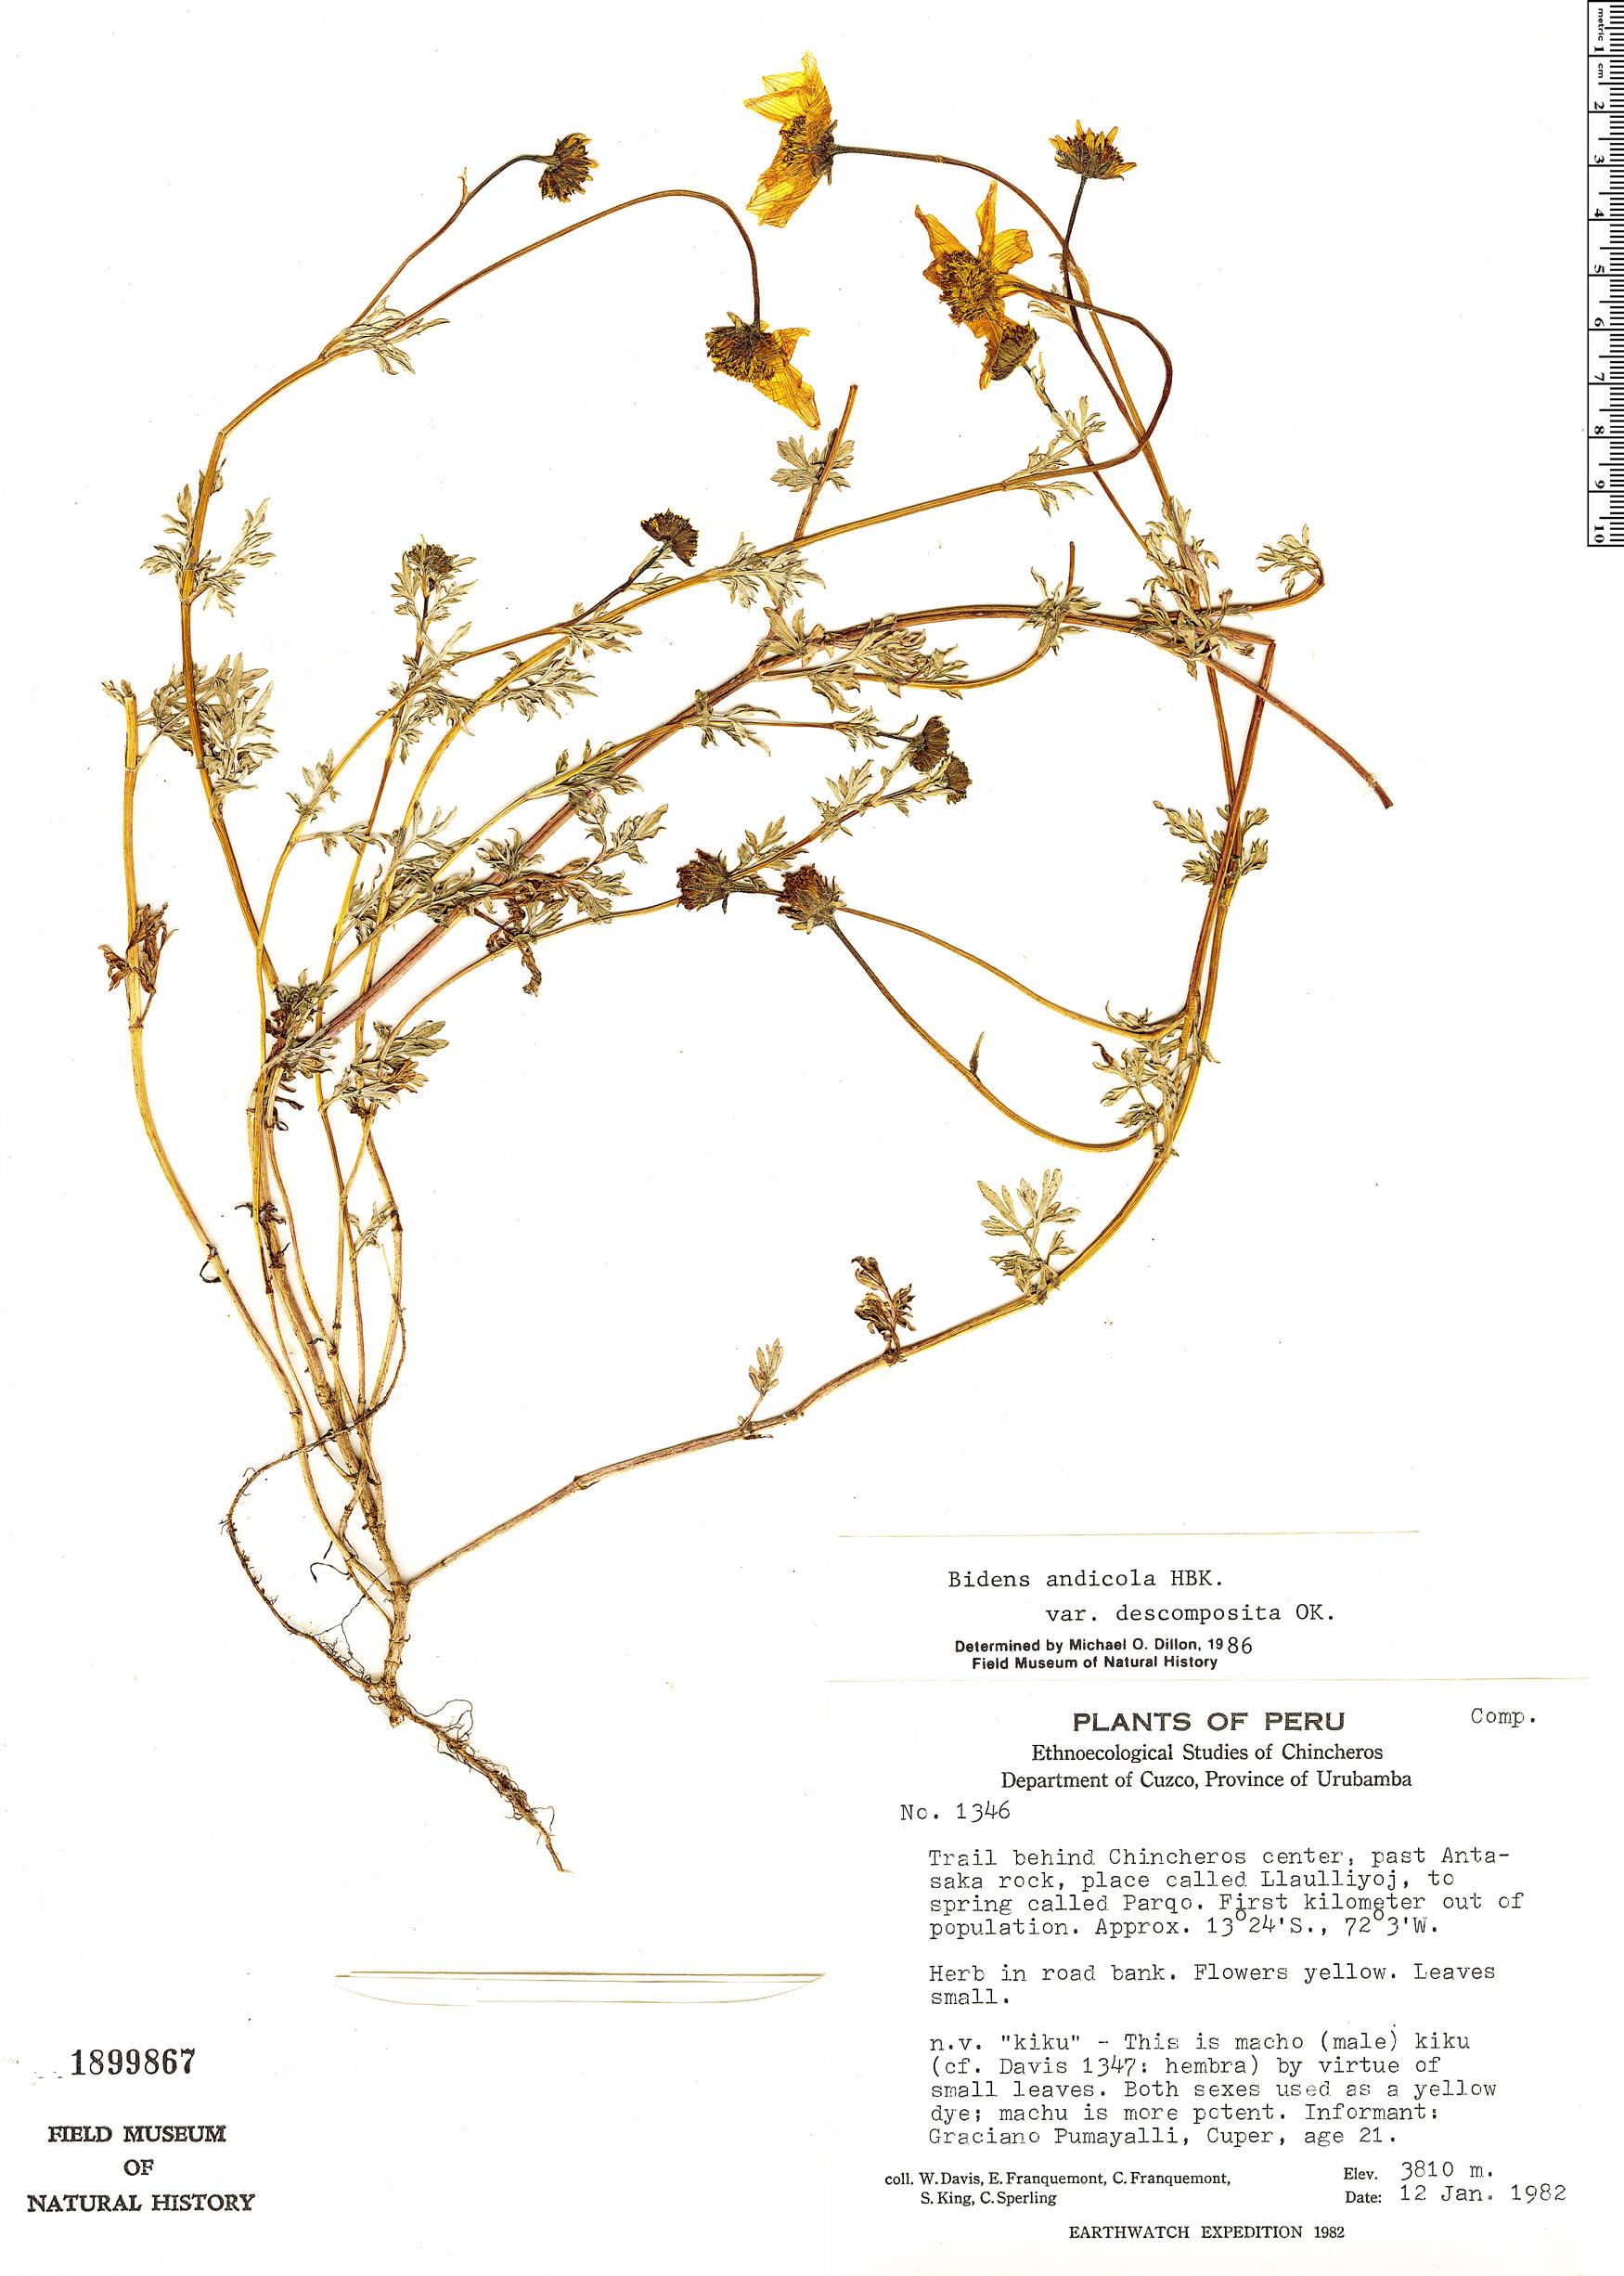 Specimen: Bidens andicola